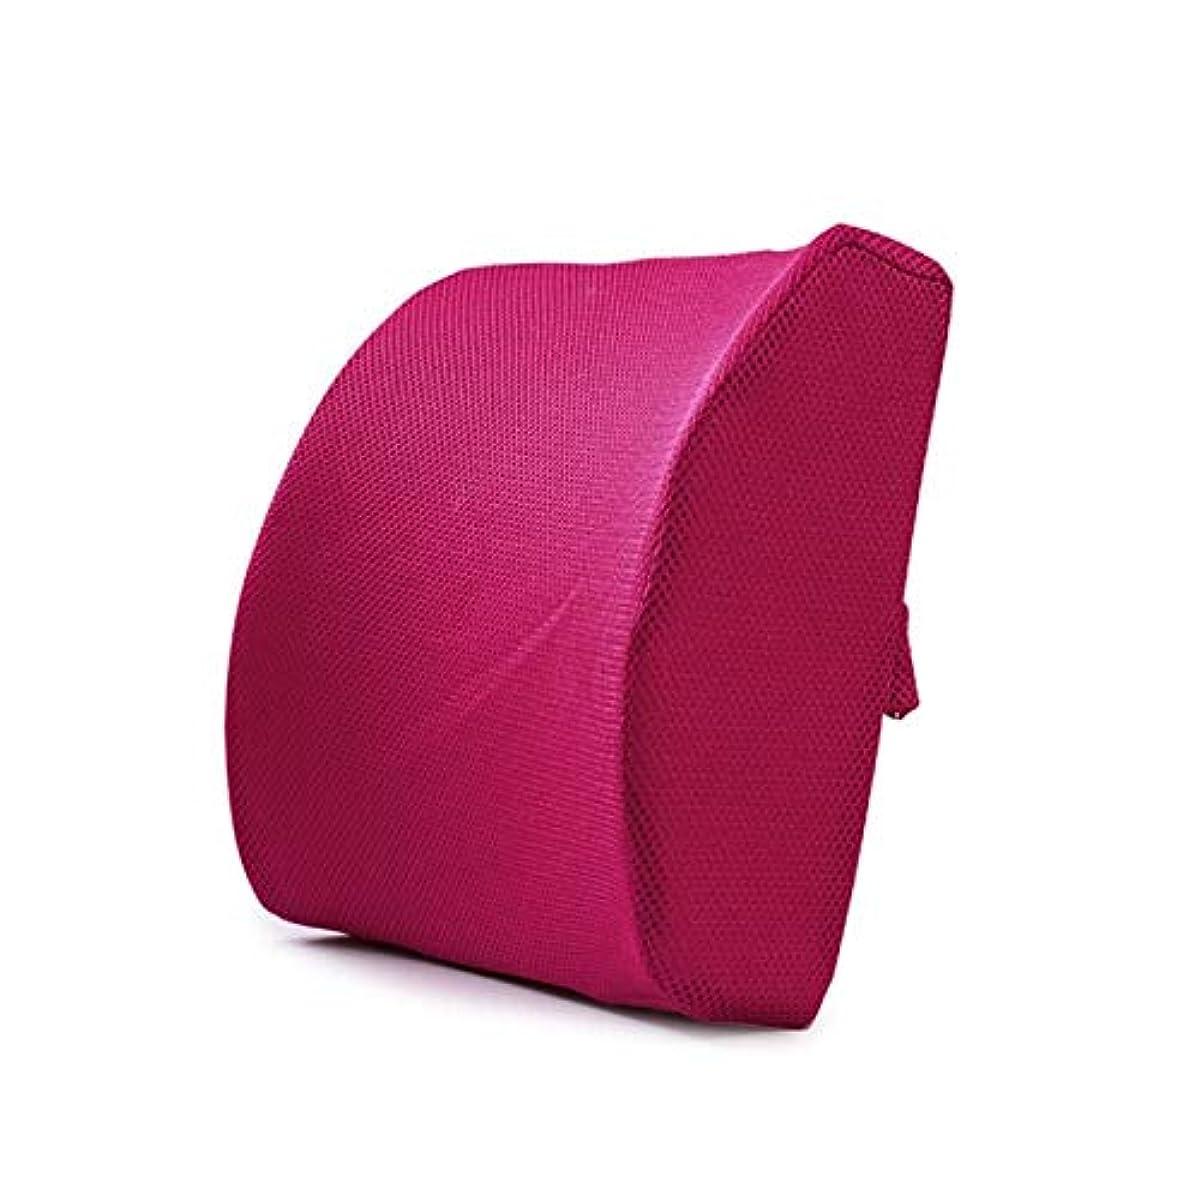 アナニバー落胆させる蛾LIFE ホームオフィス背もたれ椅子腰椎クッションカーシートネック枕 3D 低反発サポートバックマッサージウエストレスリビング枕 クッション 椅子